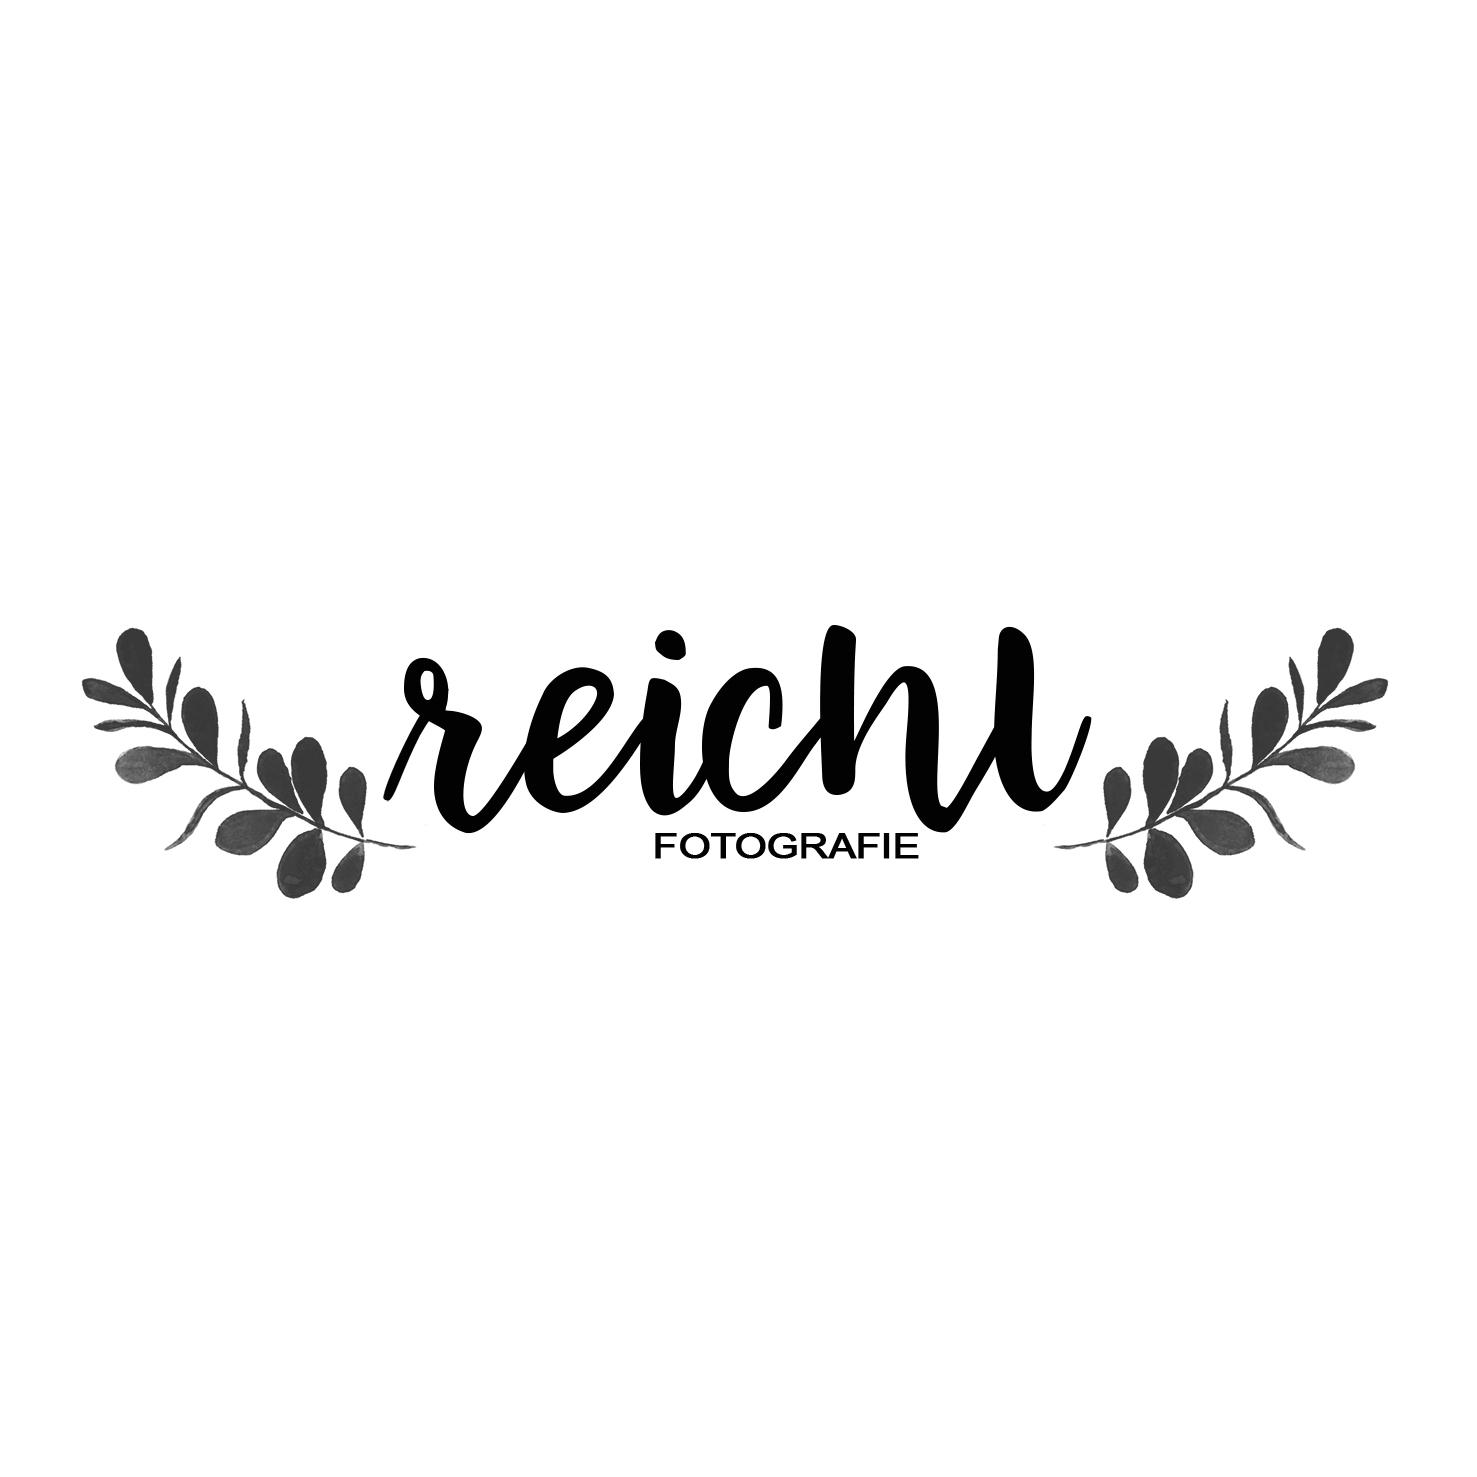 FotografieReichl_kl